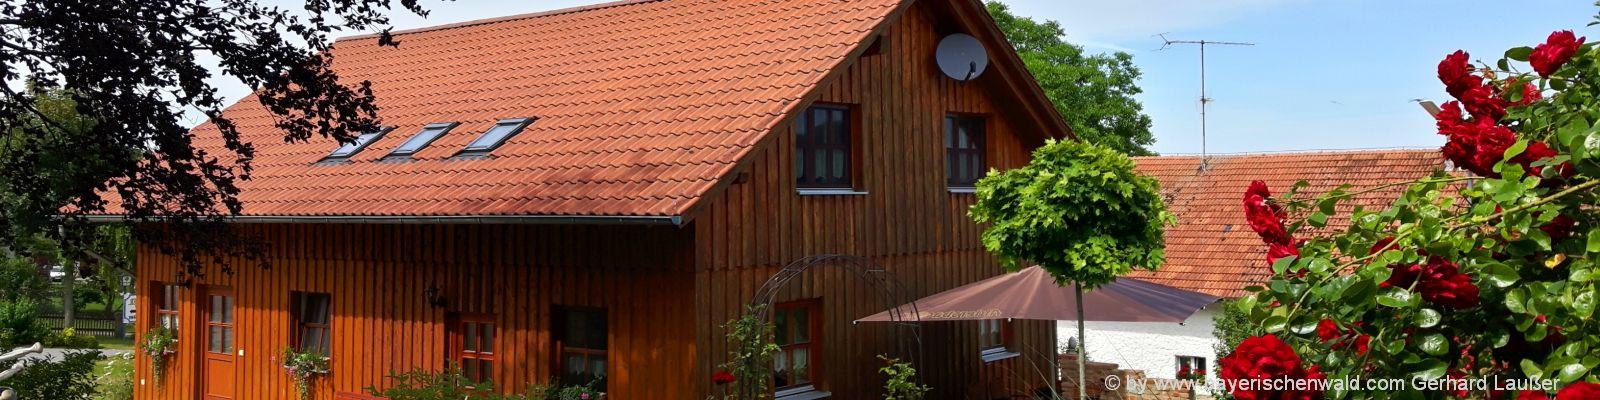 Bayerischer Wald Bauernhof Ferienhaus in Bayern